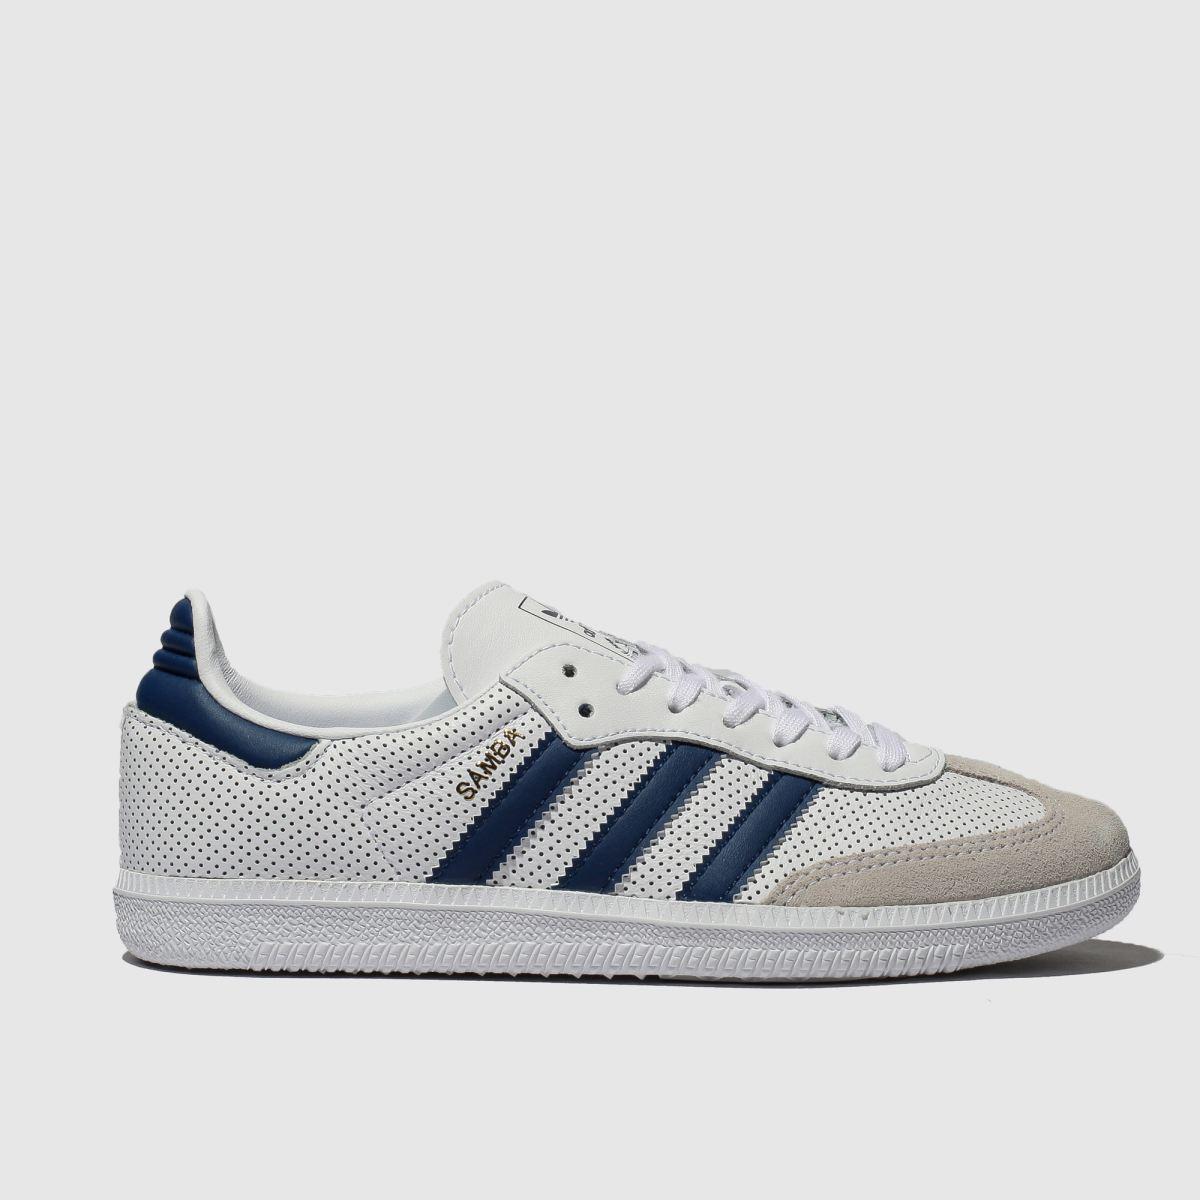 Adidas White & Blue Samba Og Trainers Youth